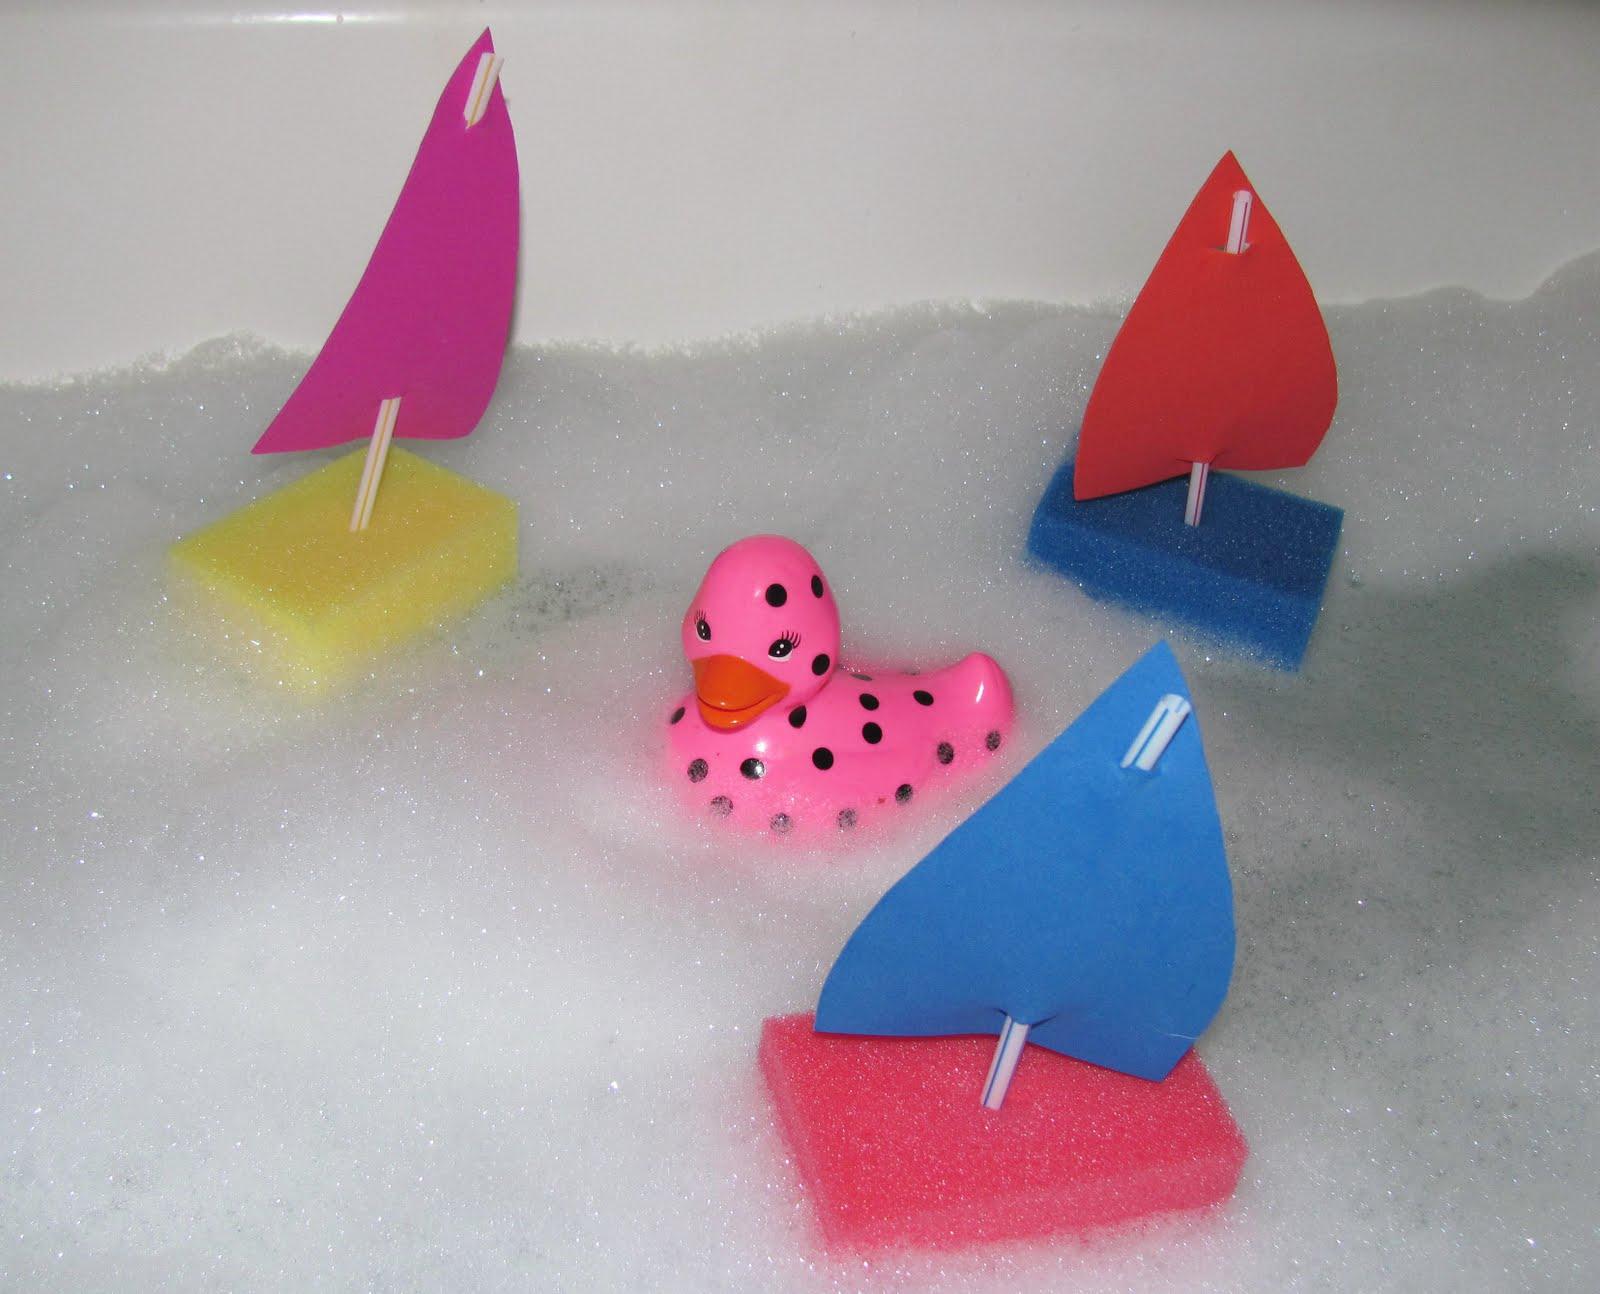 Sponge Boats